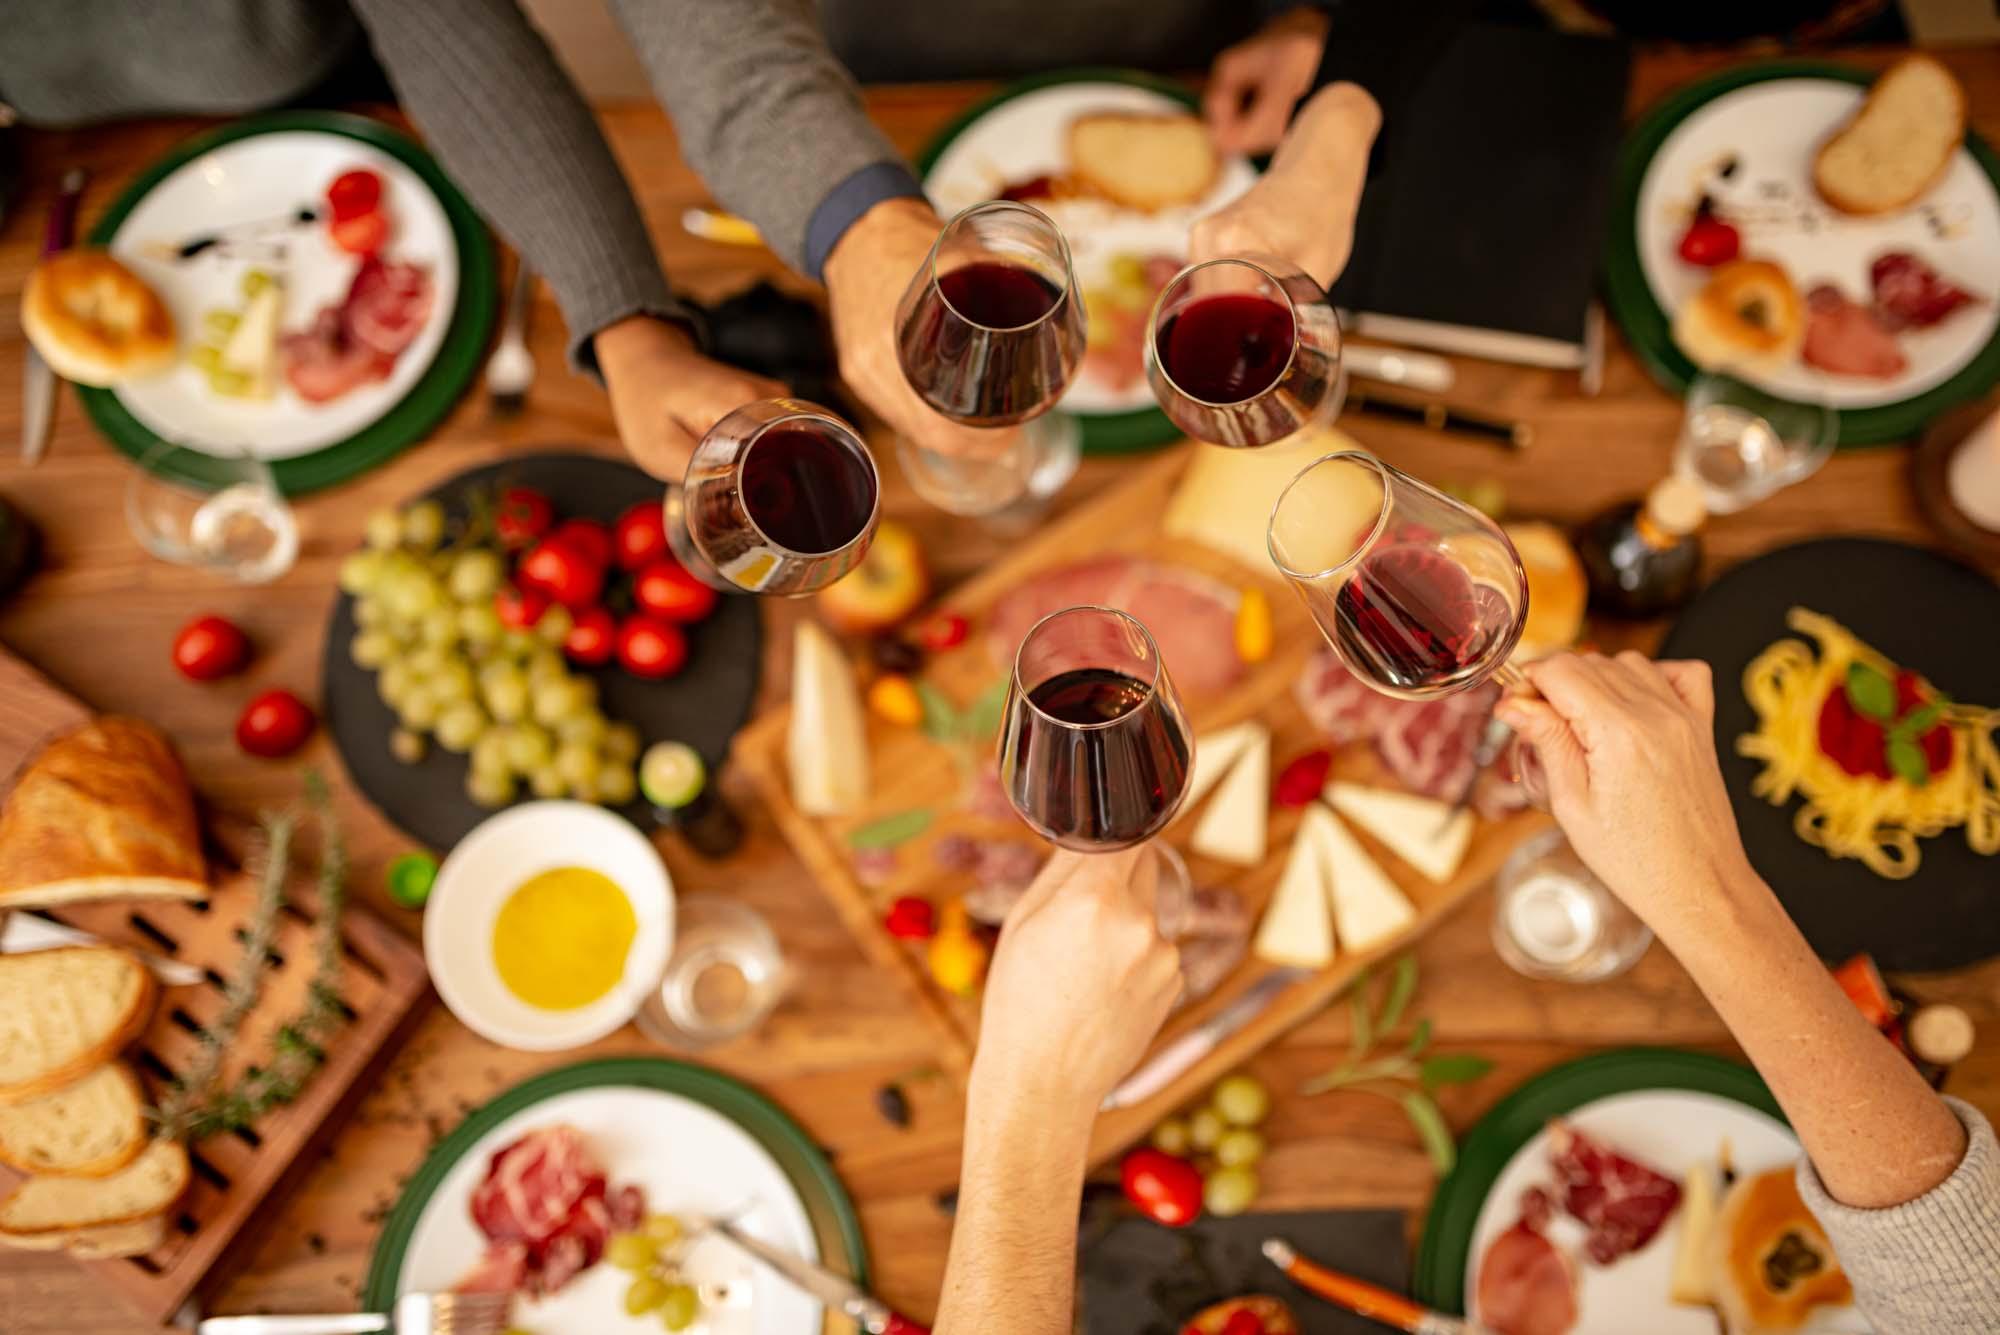 Cucina Amatoriale Formazione Manageriale a Bari